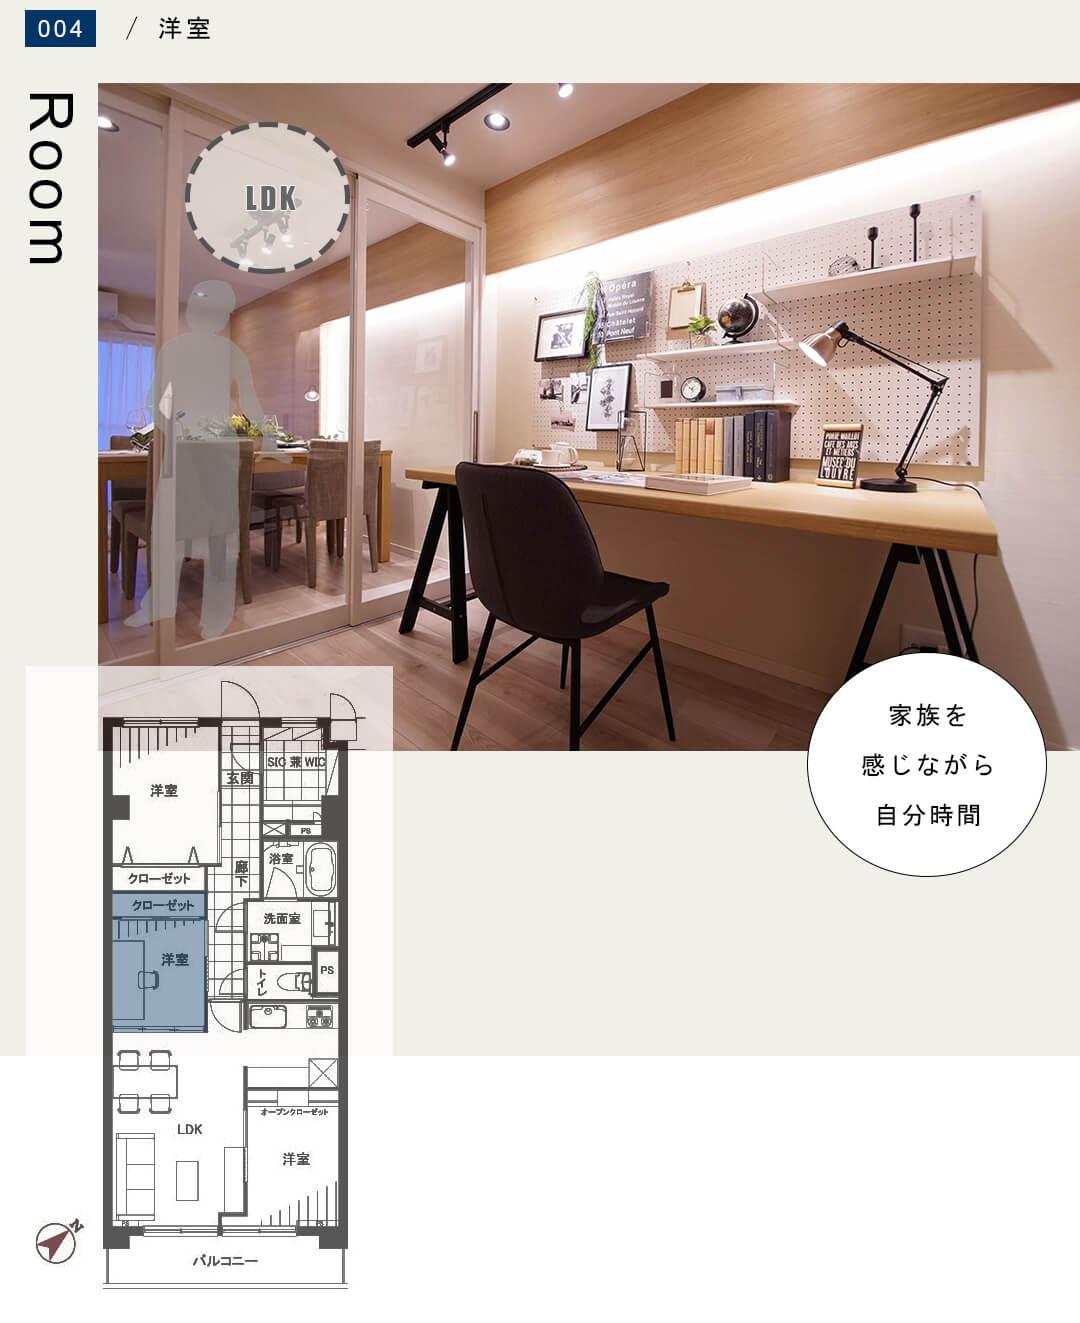 東建参宮橋マンション 706の洋室